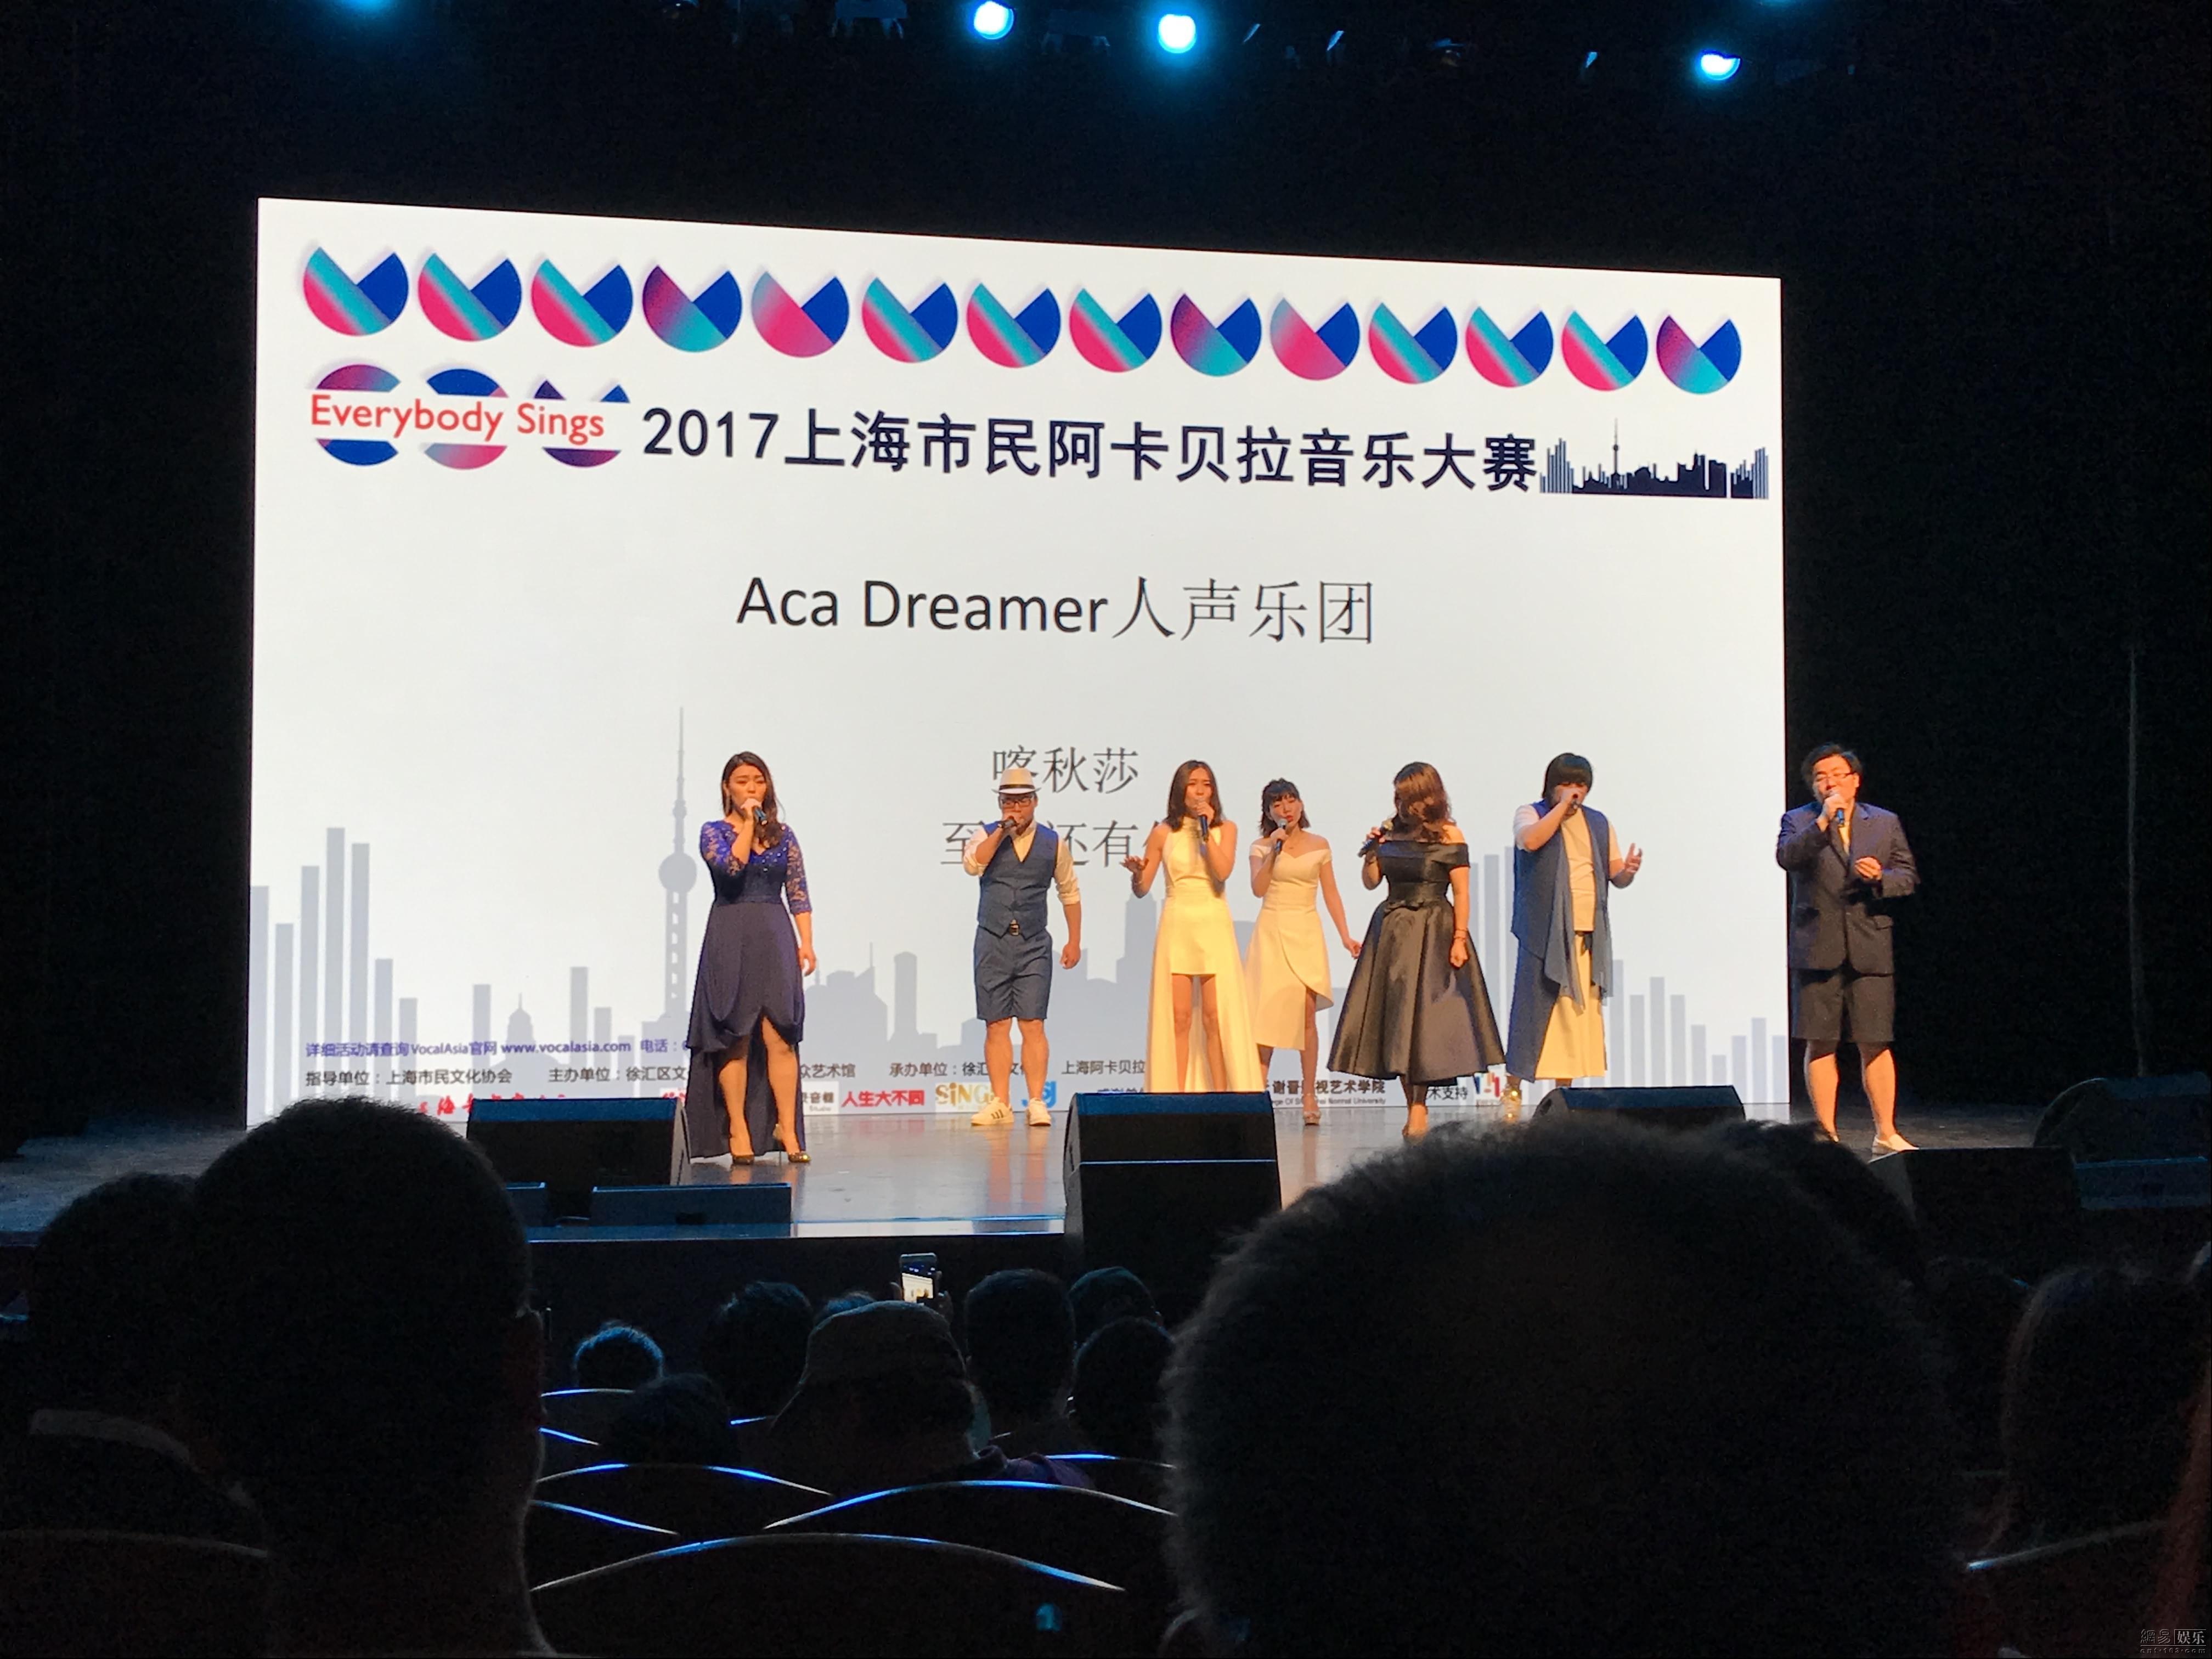 上海阿卡贝拉音乐大赛 畅享阿卡贝拉人声魅力